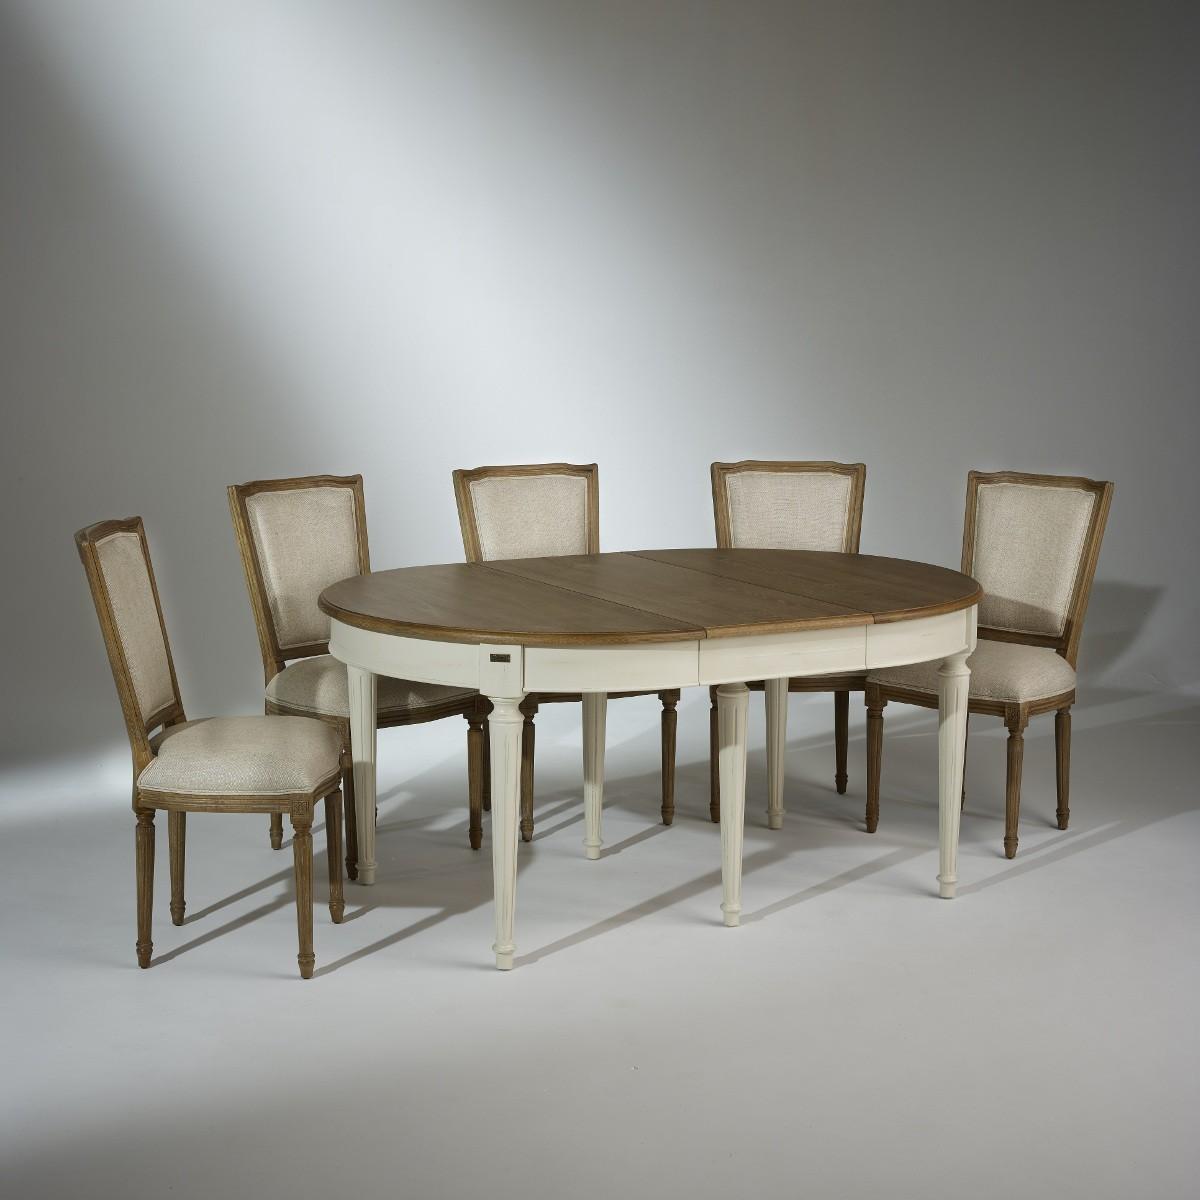 Ensemble table de salle manger florence et 6 chaises - Table de salle a manger avec chaises ...